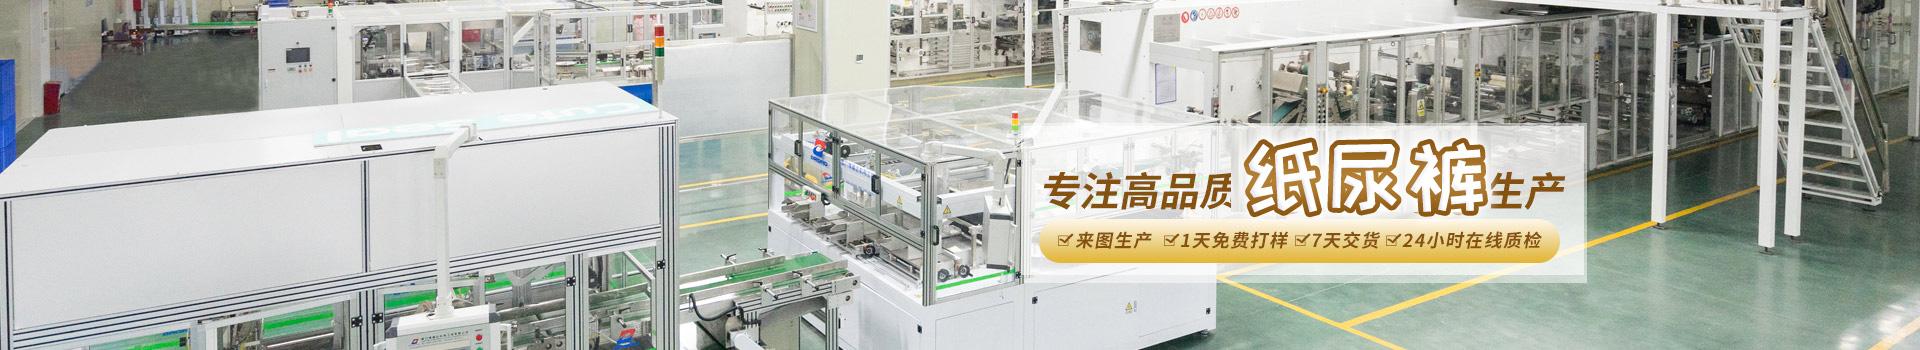 广东邦宝护理-专注高品质纸尿裤生产加工